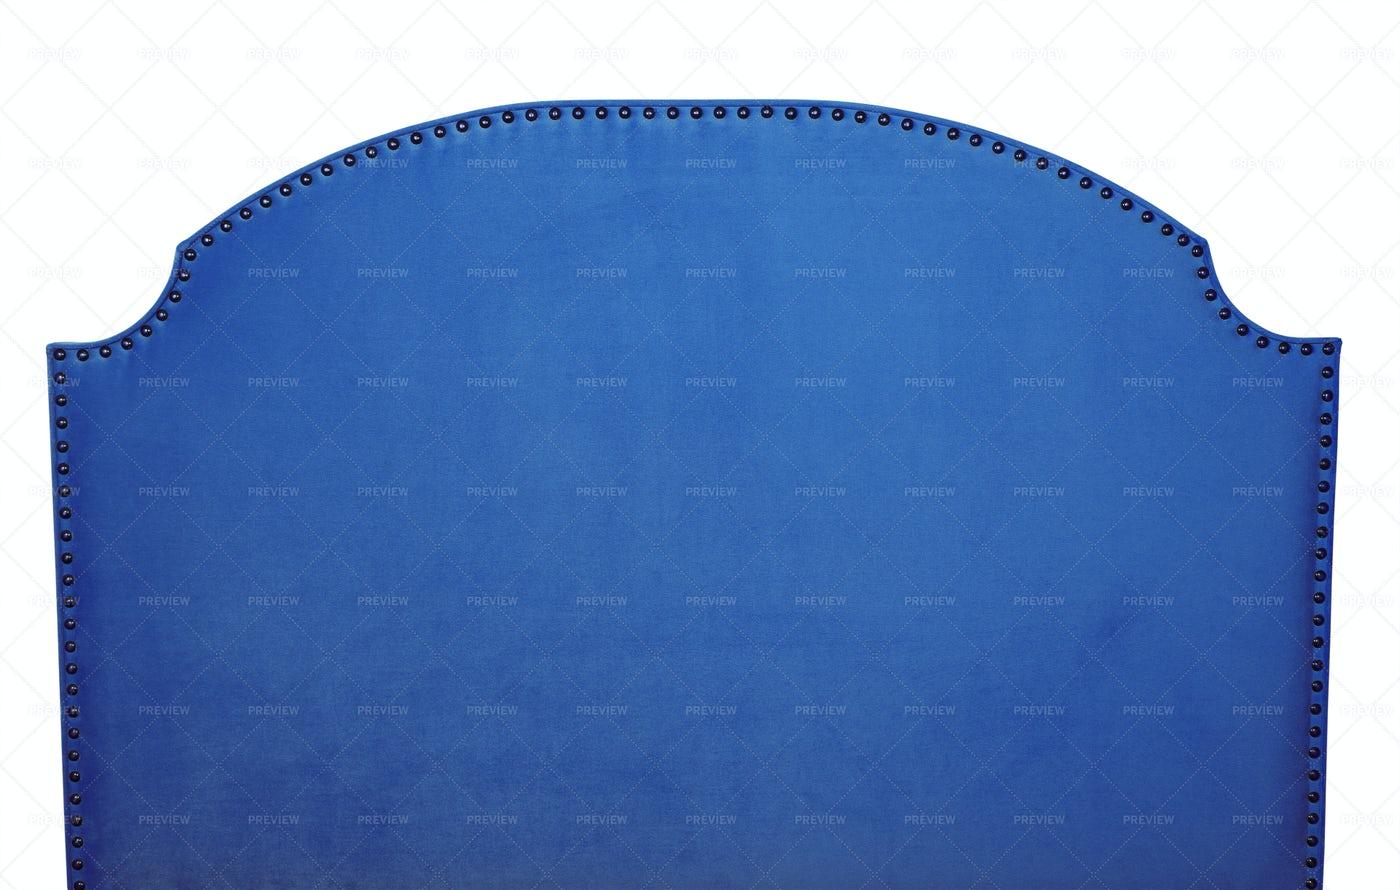 Indigo Blue Headboard: Stock Photos